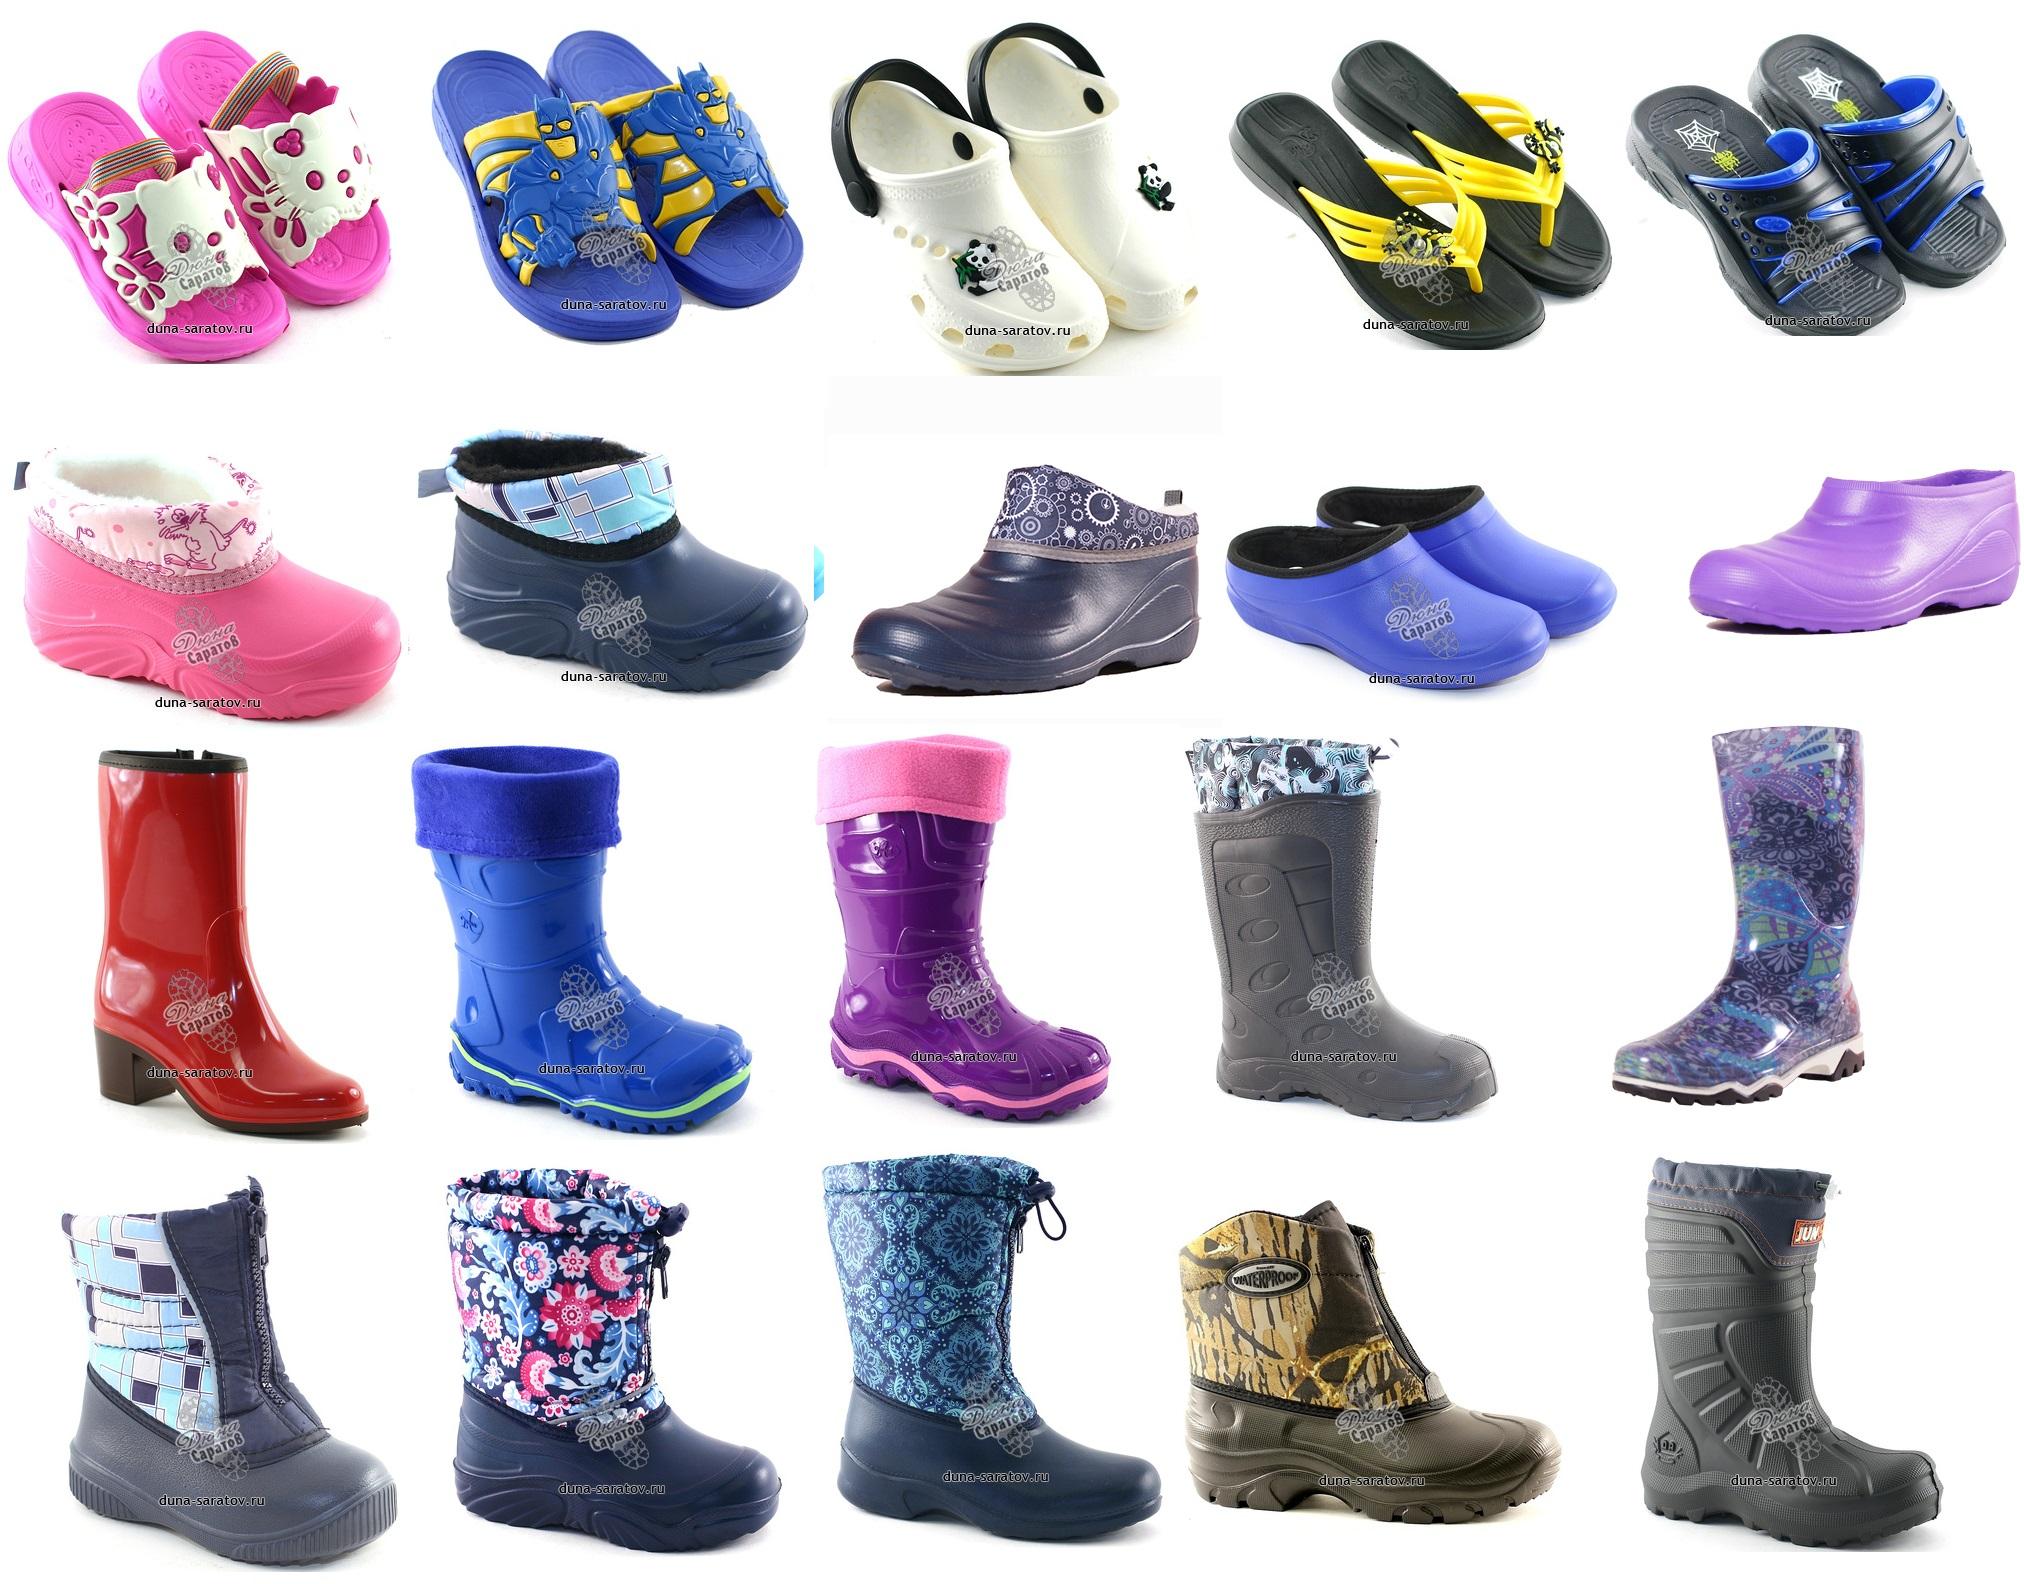 Обувь ПВХ, ЭВА - для всей семьи 7. Дутики, сапоги, галоши, сланцы. Школьная обувь - туфли, балетки, ботинки, кеды, кроссовки. Низкие цены!